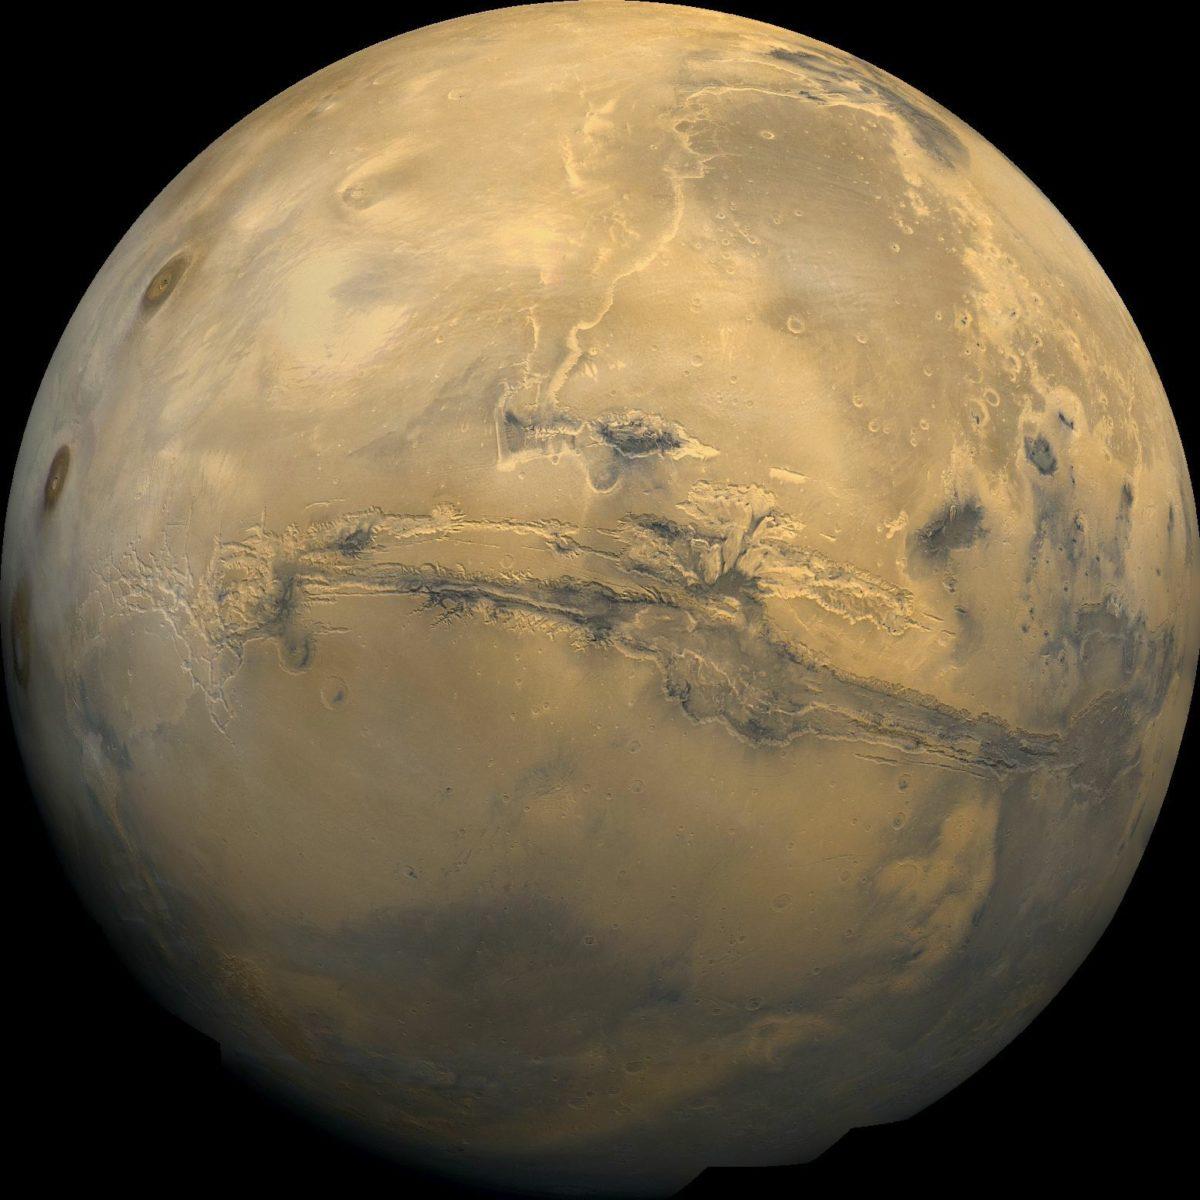 Композитное изображение Марса, которое состоит из 102 снимков, снятых космическим аппаратом «Викинг-1»